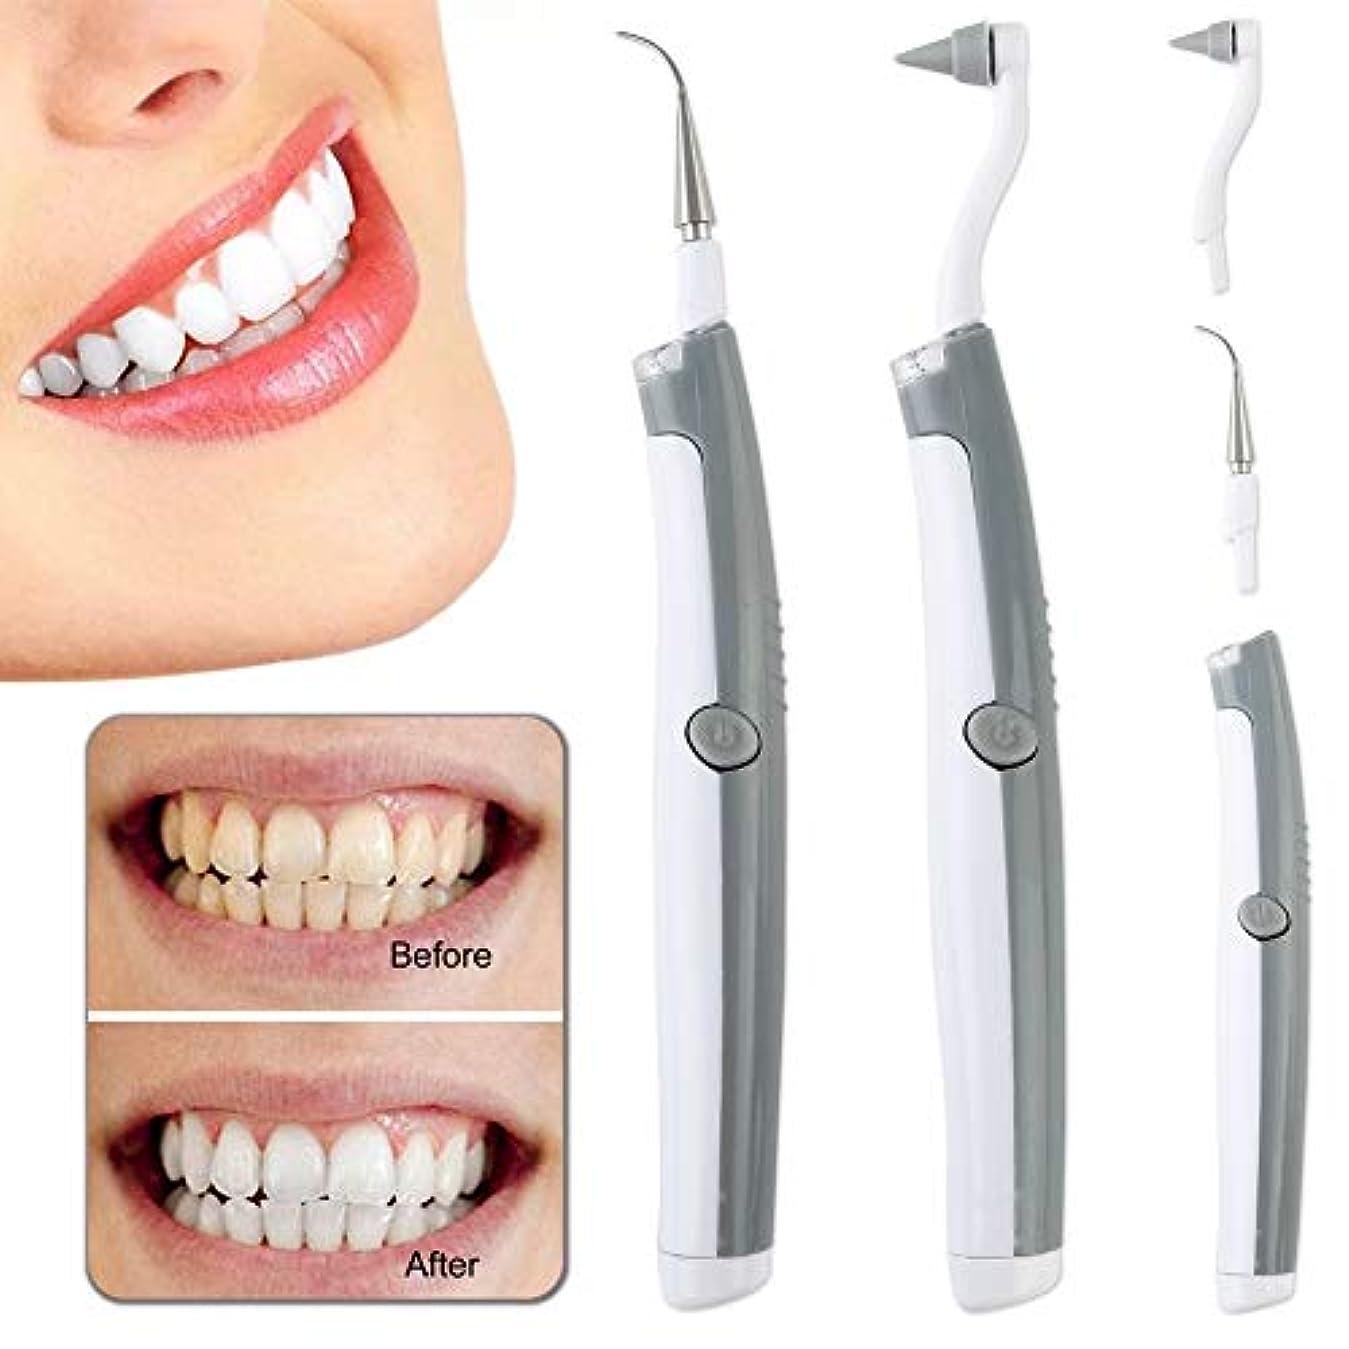 に付ける永久磁石Six-Bullotime 歯用ツール 電動 歯清潔 歯の消しゴム 多機能の電動のLED歯科用ツールキットオーラルケア 歯間クリーナー 歯磨き 歯石取り 口腔洗浄器 口臭防止